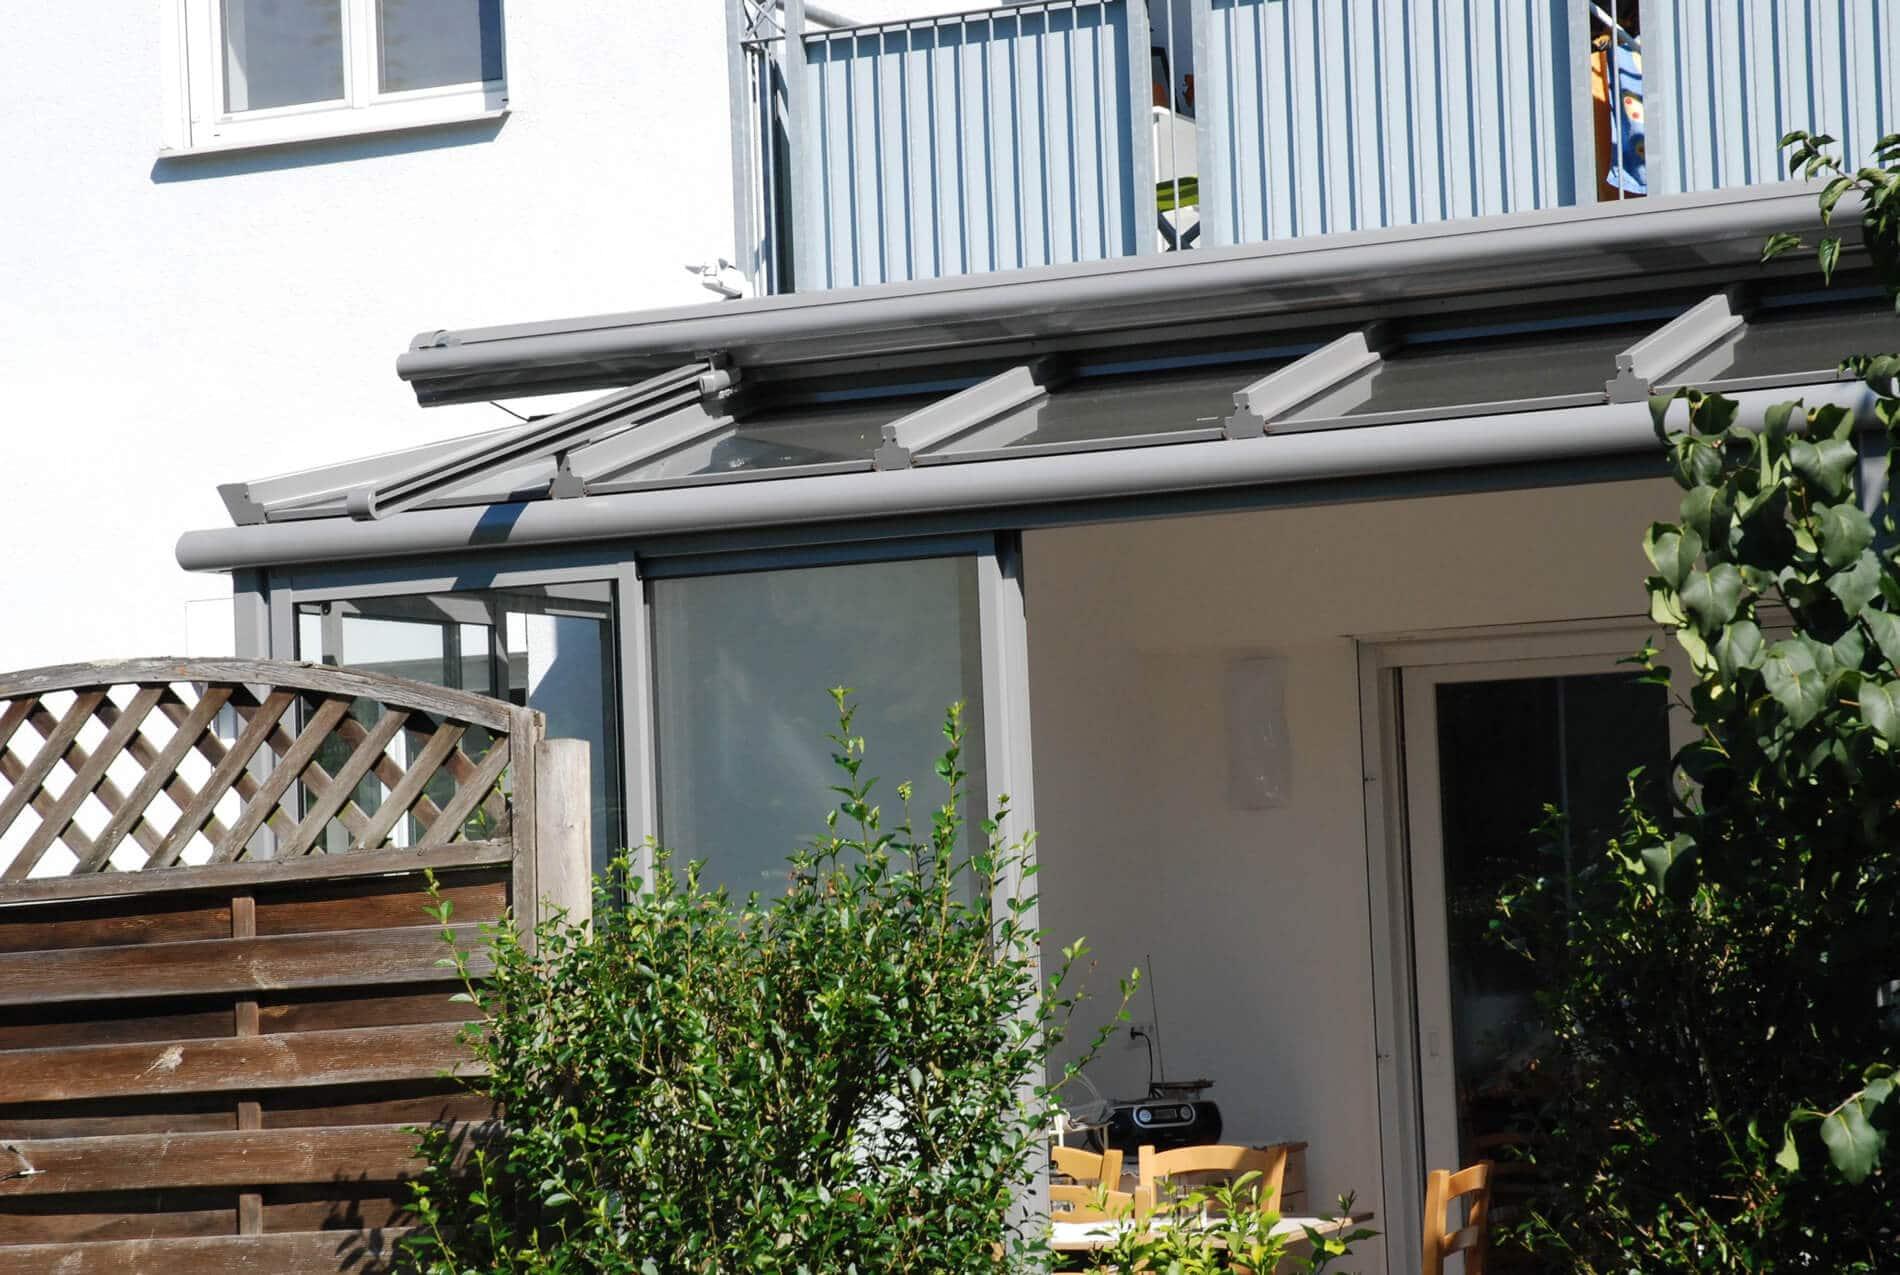 Sommergarten Dach Sicherheitsglas Schiebeelemente Neher Multiraum®